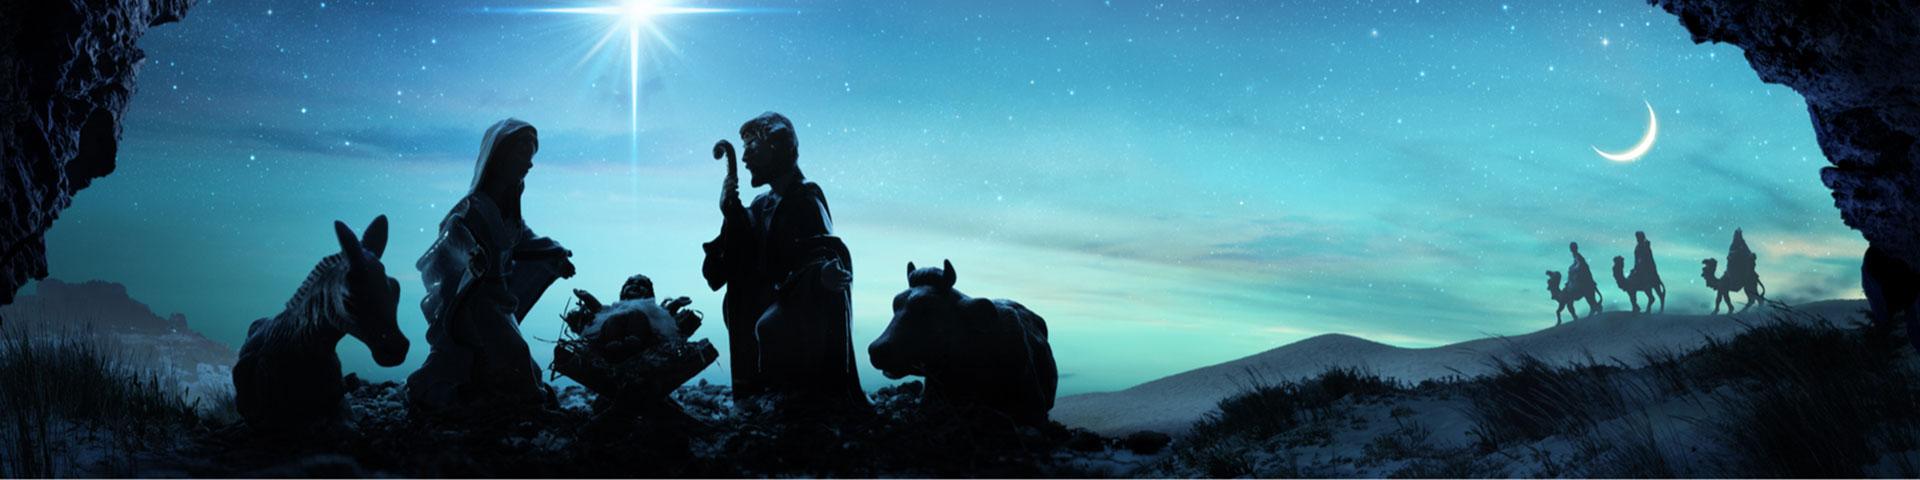 Szene Christi Geburt